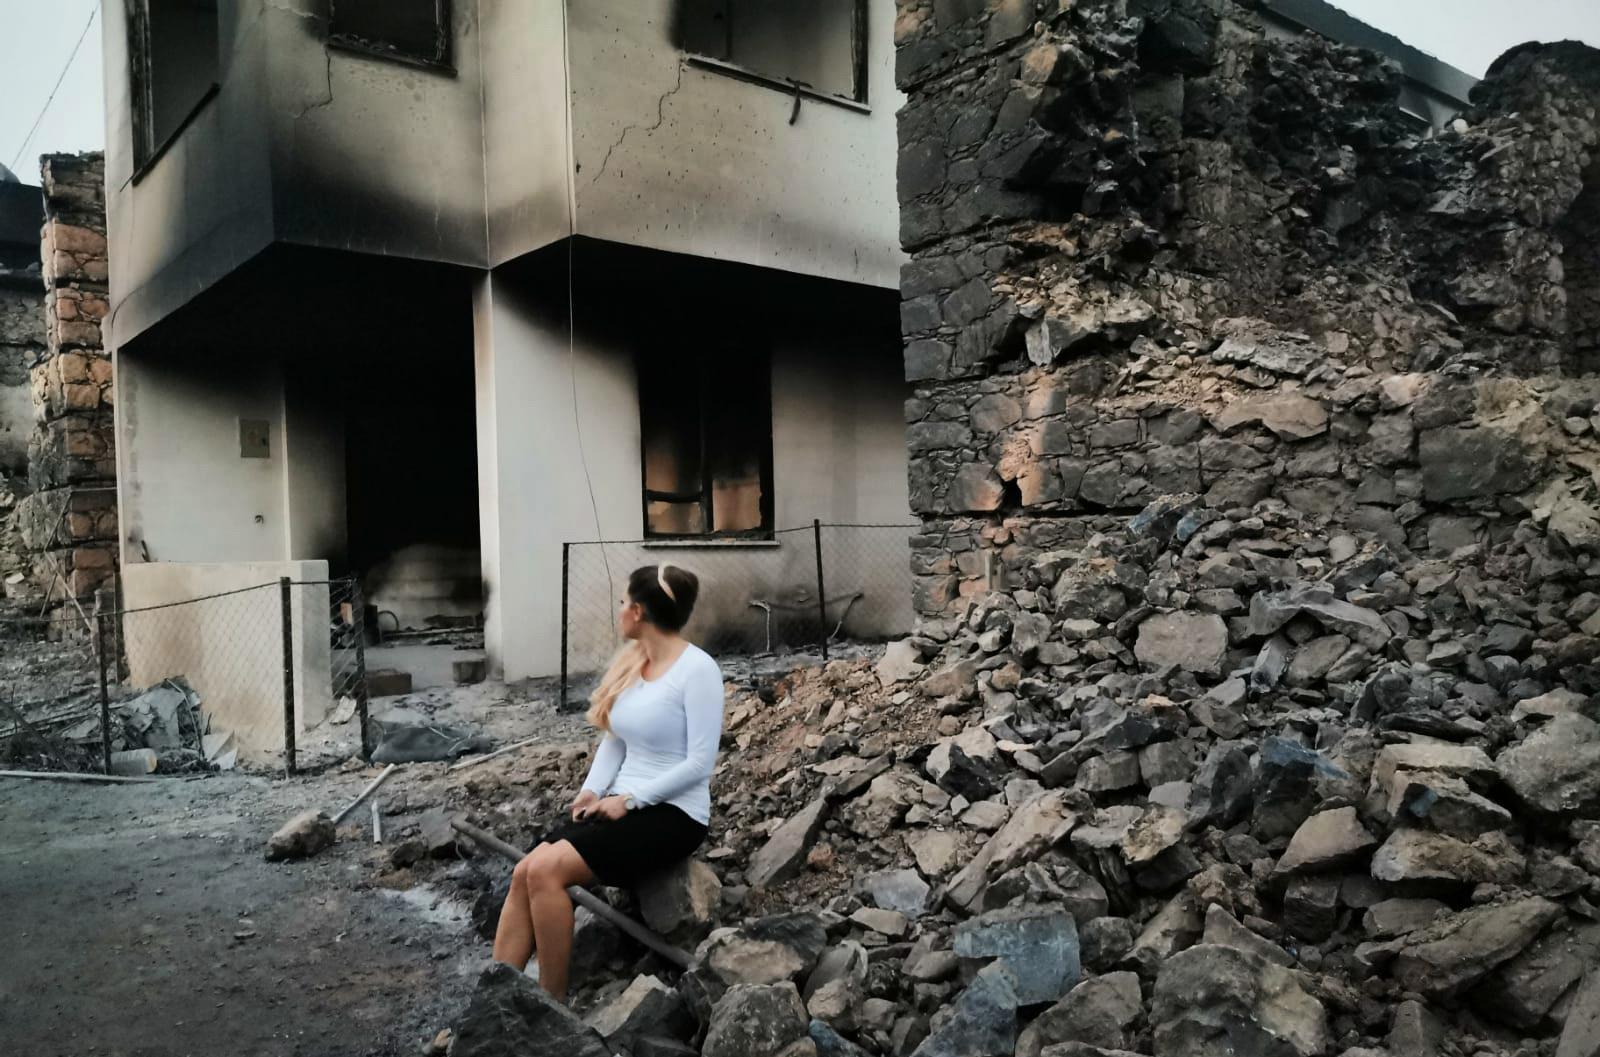 """""""Det som känns hopplöst är hur lång tid det kommer ta att bygga upp det här igen för familjerna som har förlorat allting"""", säger Johanna Vallberg."""